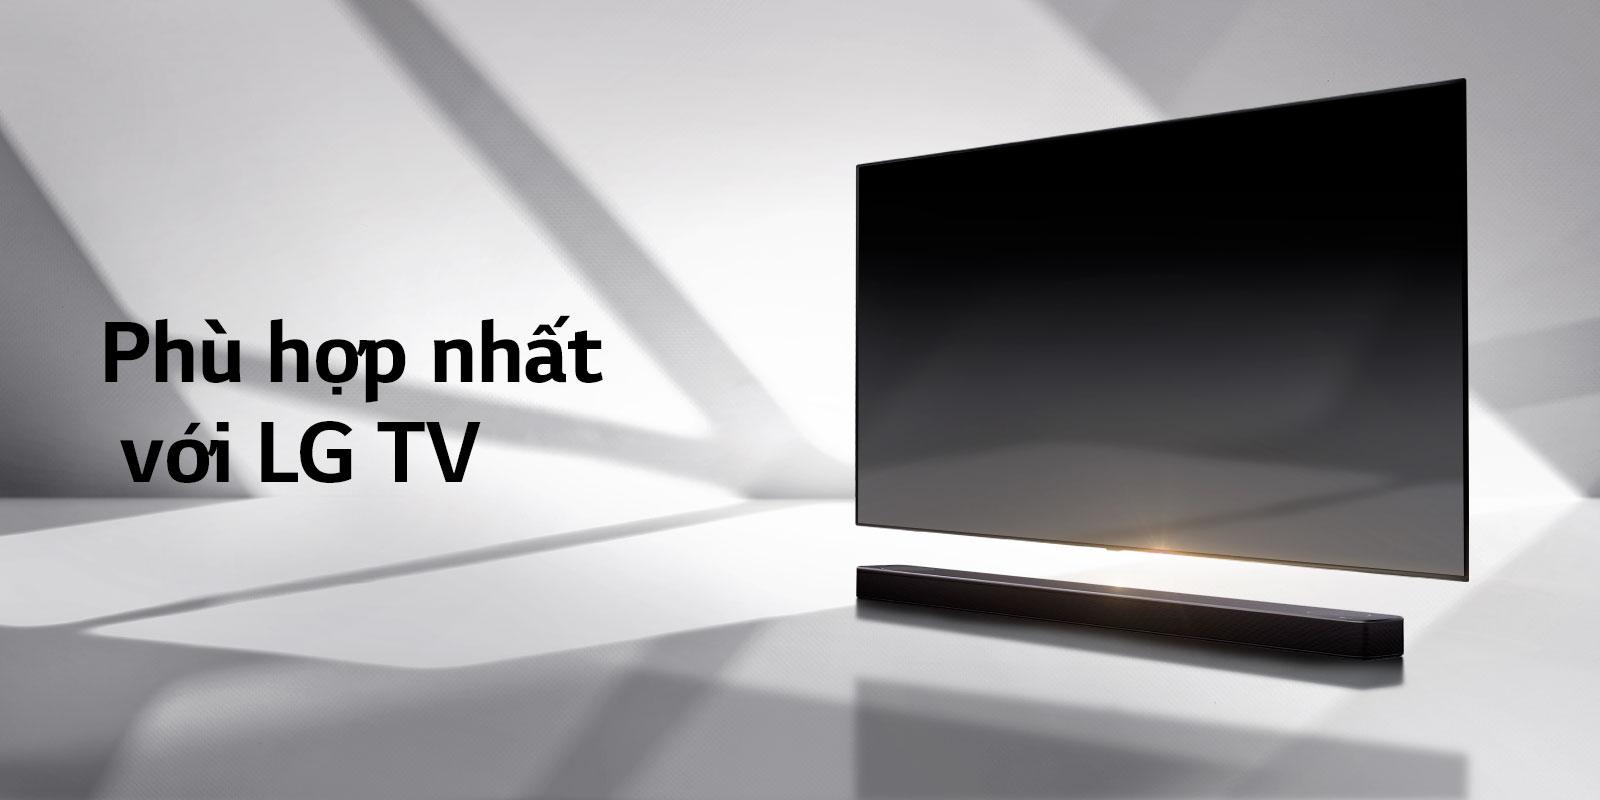 Loa soundbar và TV được đặt trên sàn màu trắng và có một cái bóng hiện ra từ bên ngoài ngay phía sau.